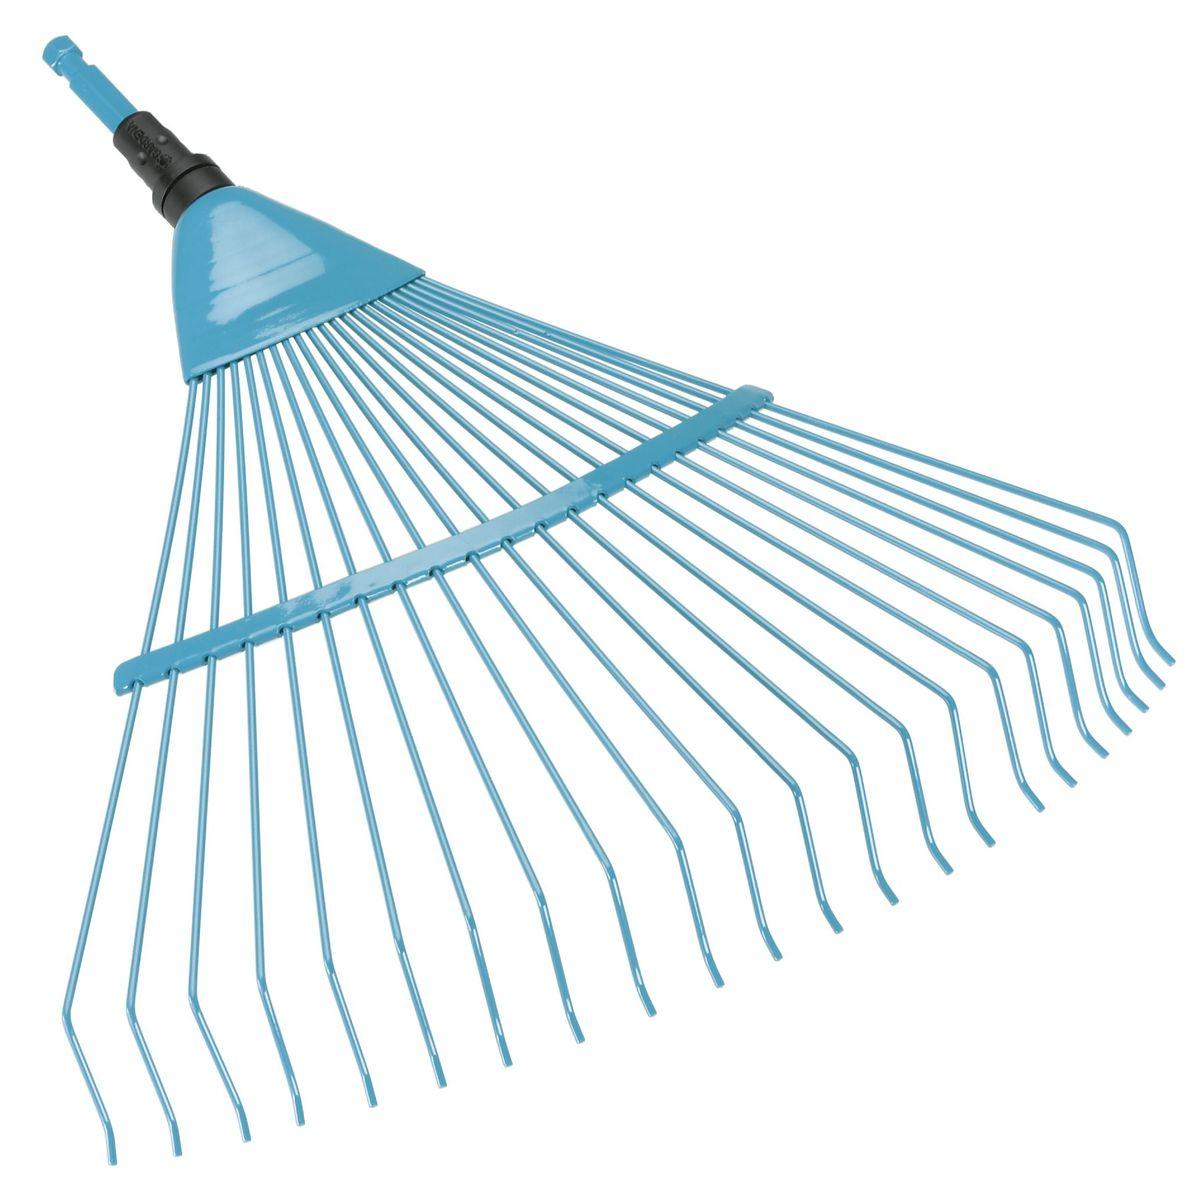 Грабли проволочные пружинящие Gardena03100-20.000.00Предназначены для очистки и аэрации газонов. Прочные проволочные зубья. Рабочая ширина: 50 см. Рекомендуемая длина ручки: 130 см.